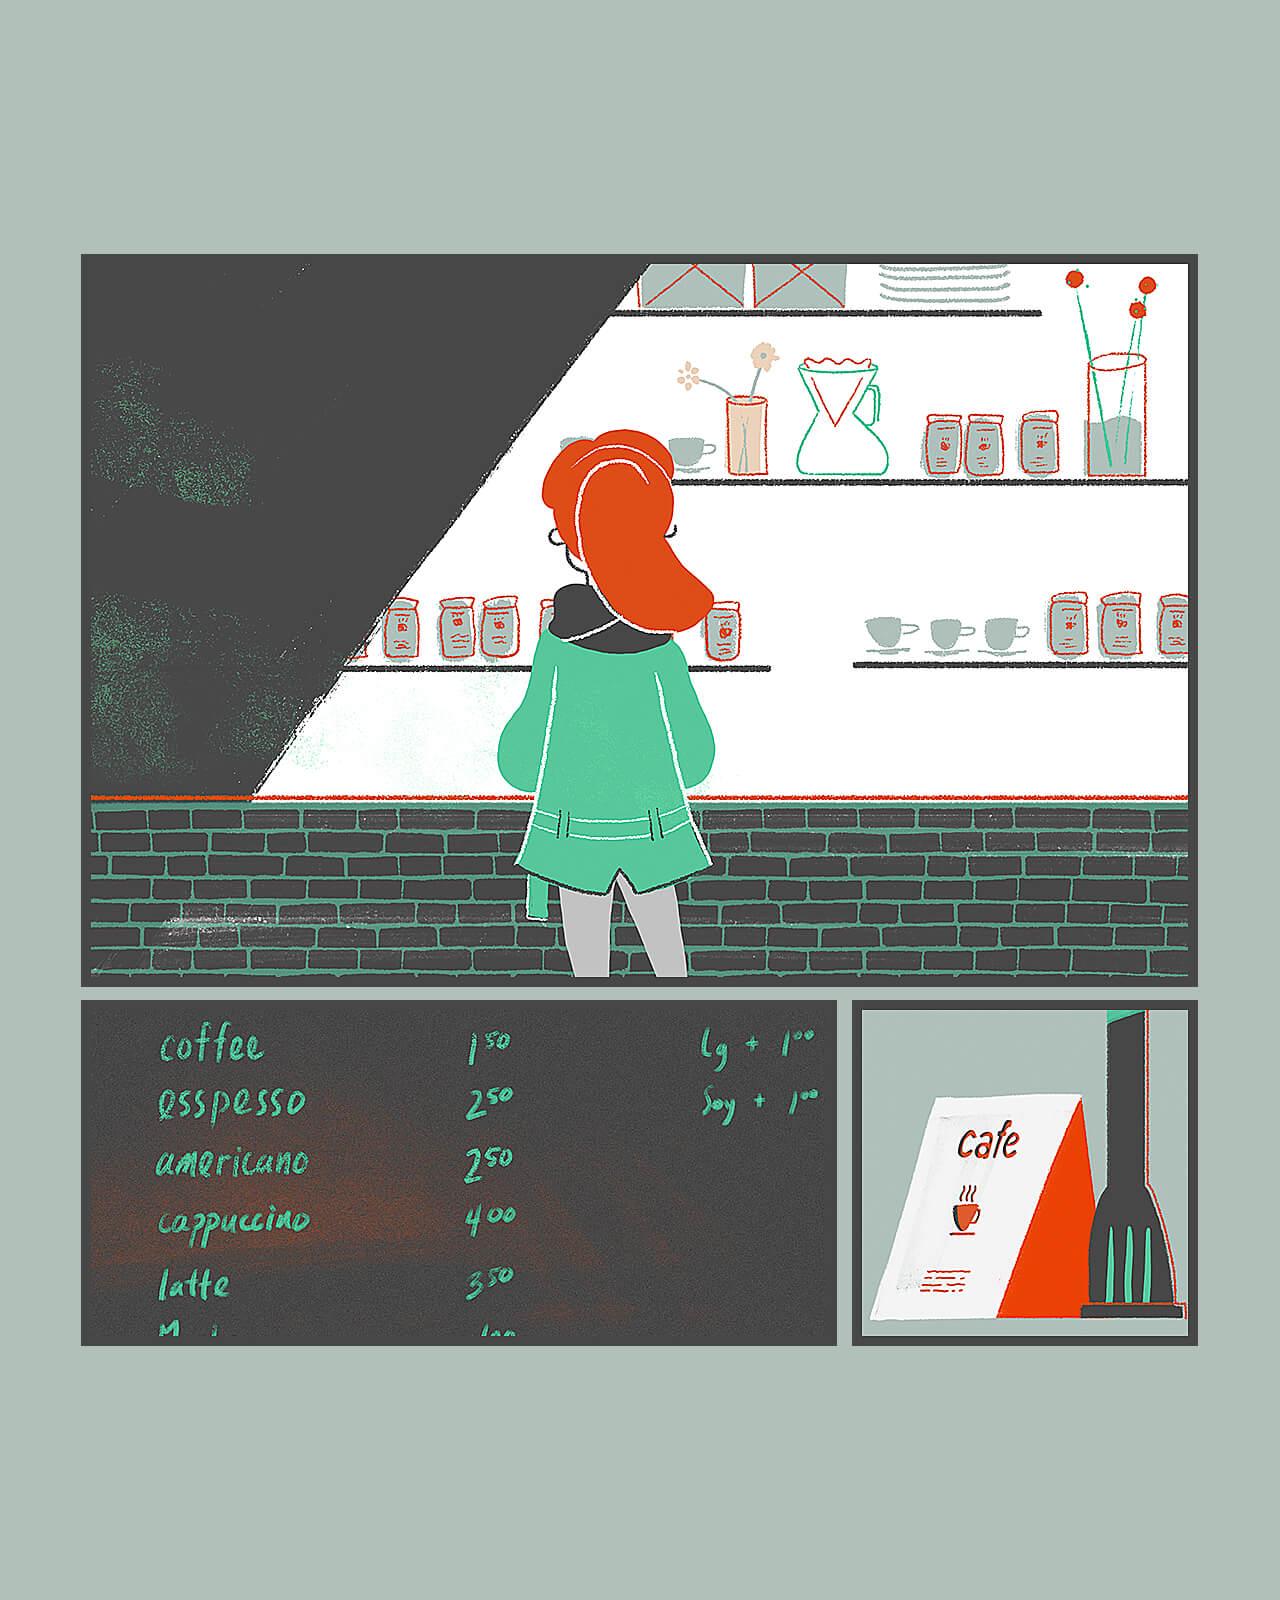 Jeff Buckley Interactive Music Video